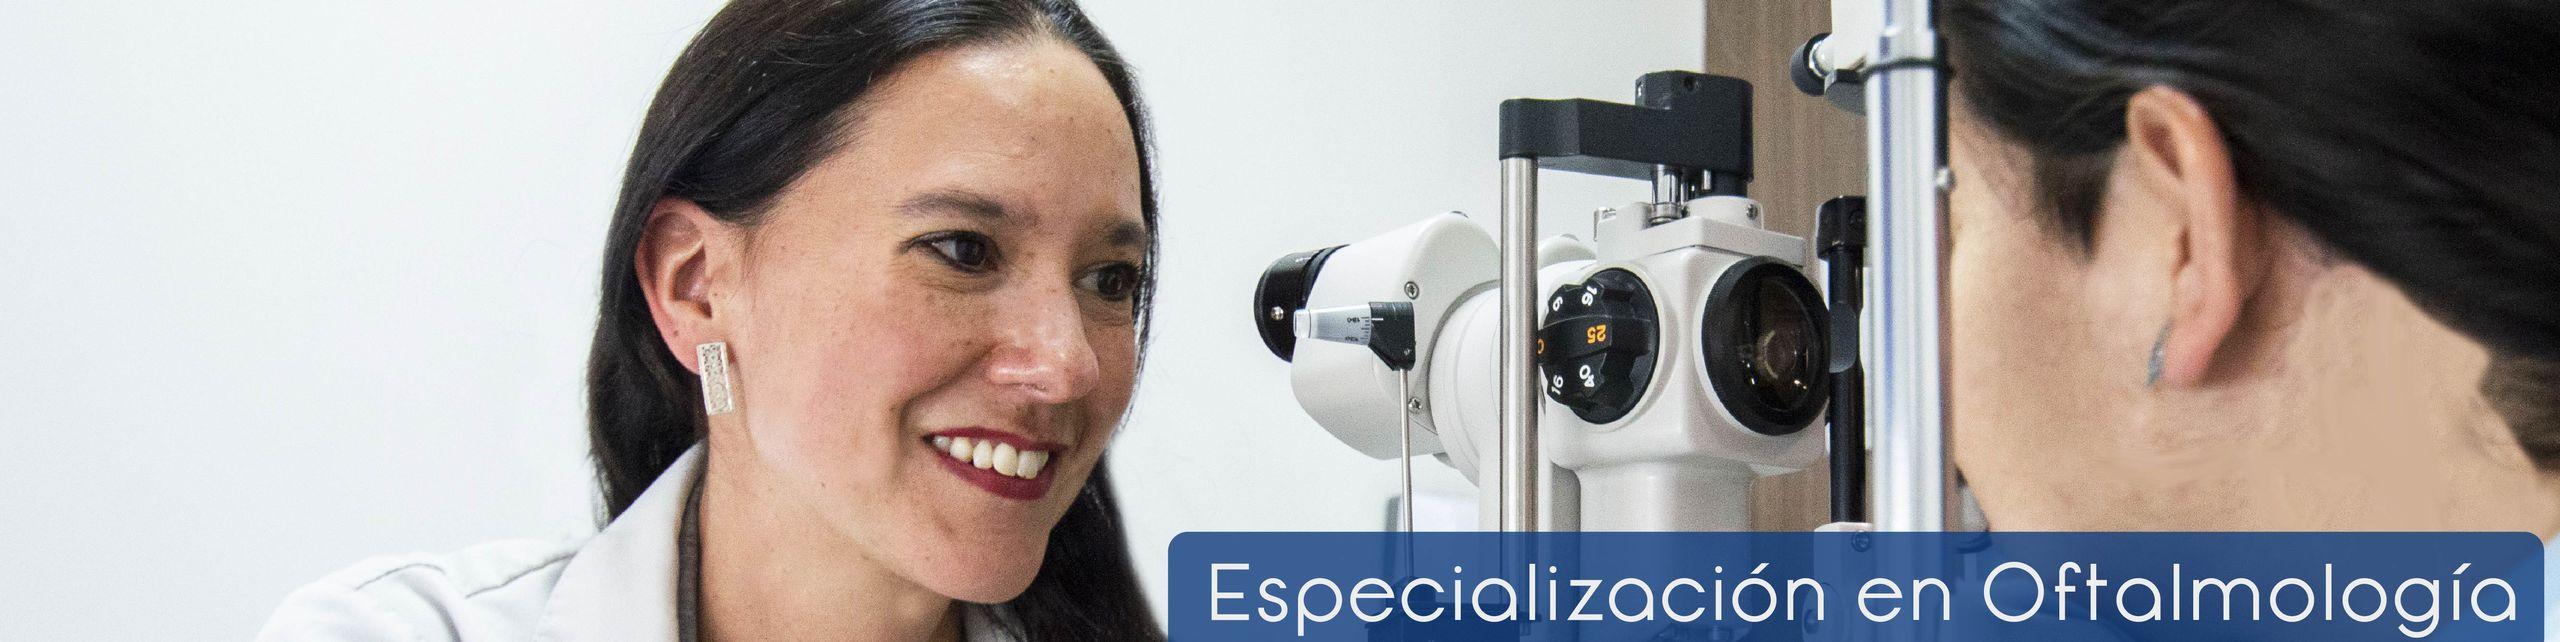 Especialización  en Oftalmología